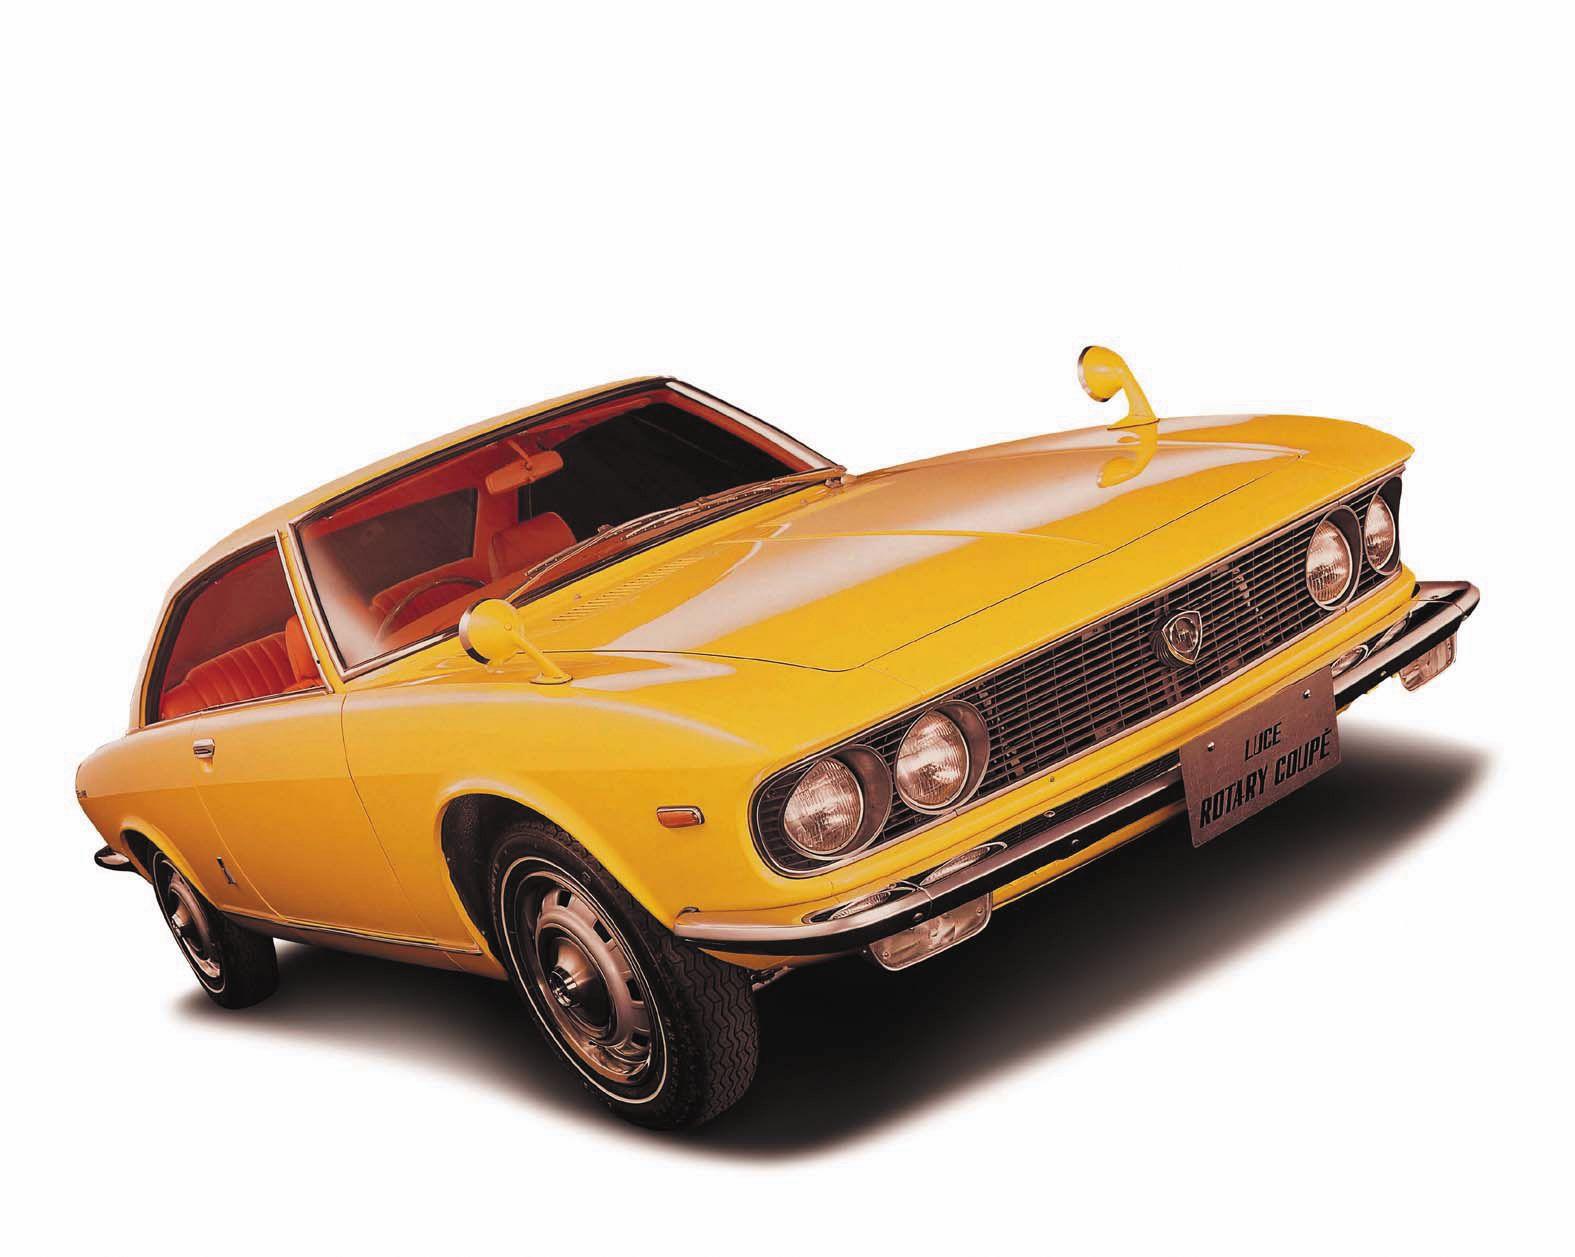 Mazda-coupés: Zestig jaar visionair design en rijplezier